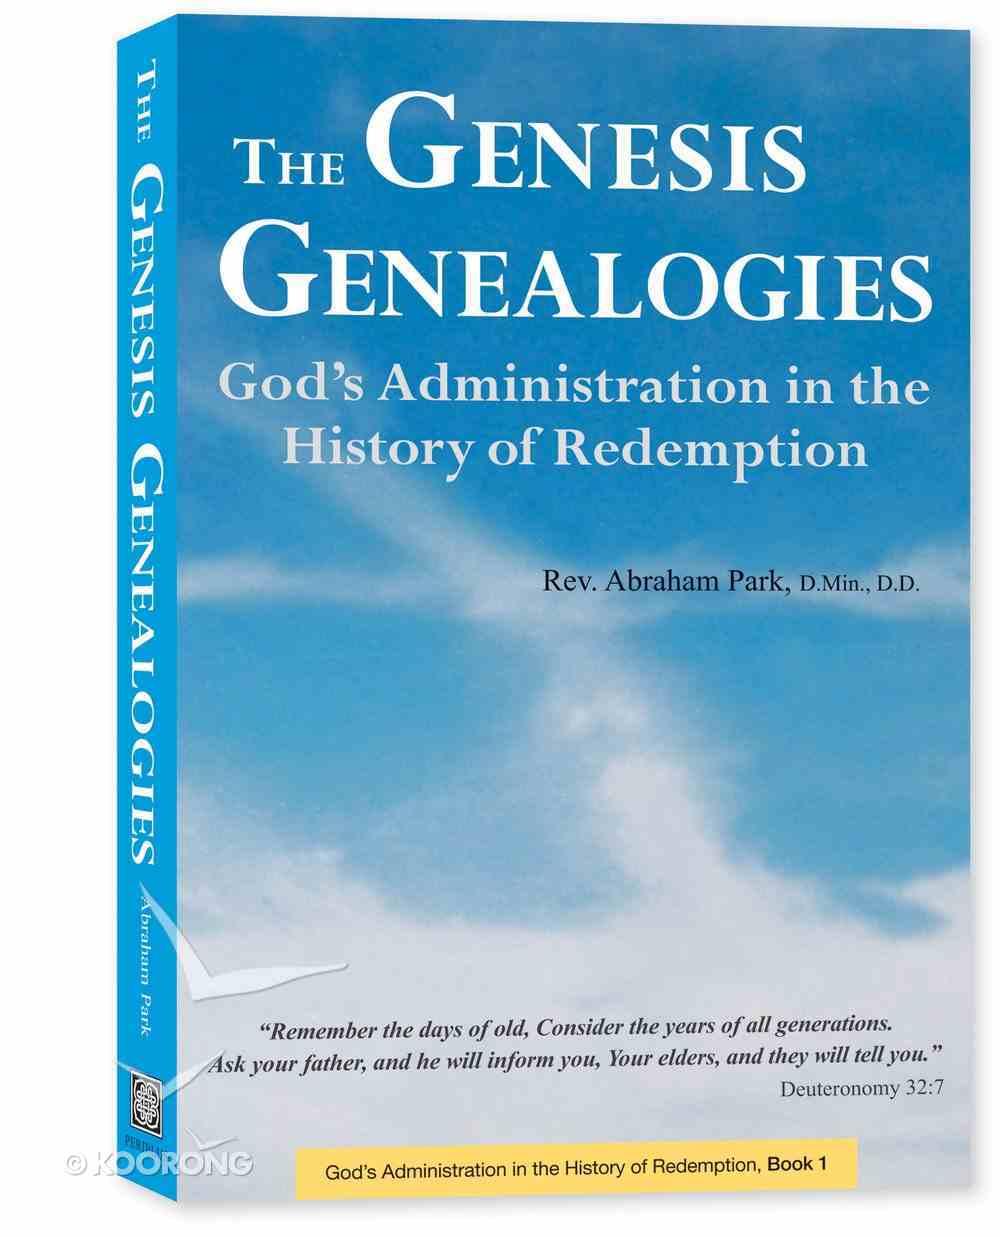 The Genesis Genealogies Hardback